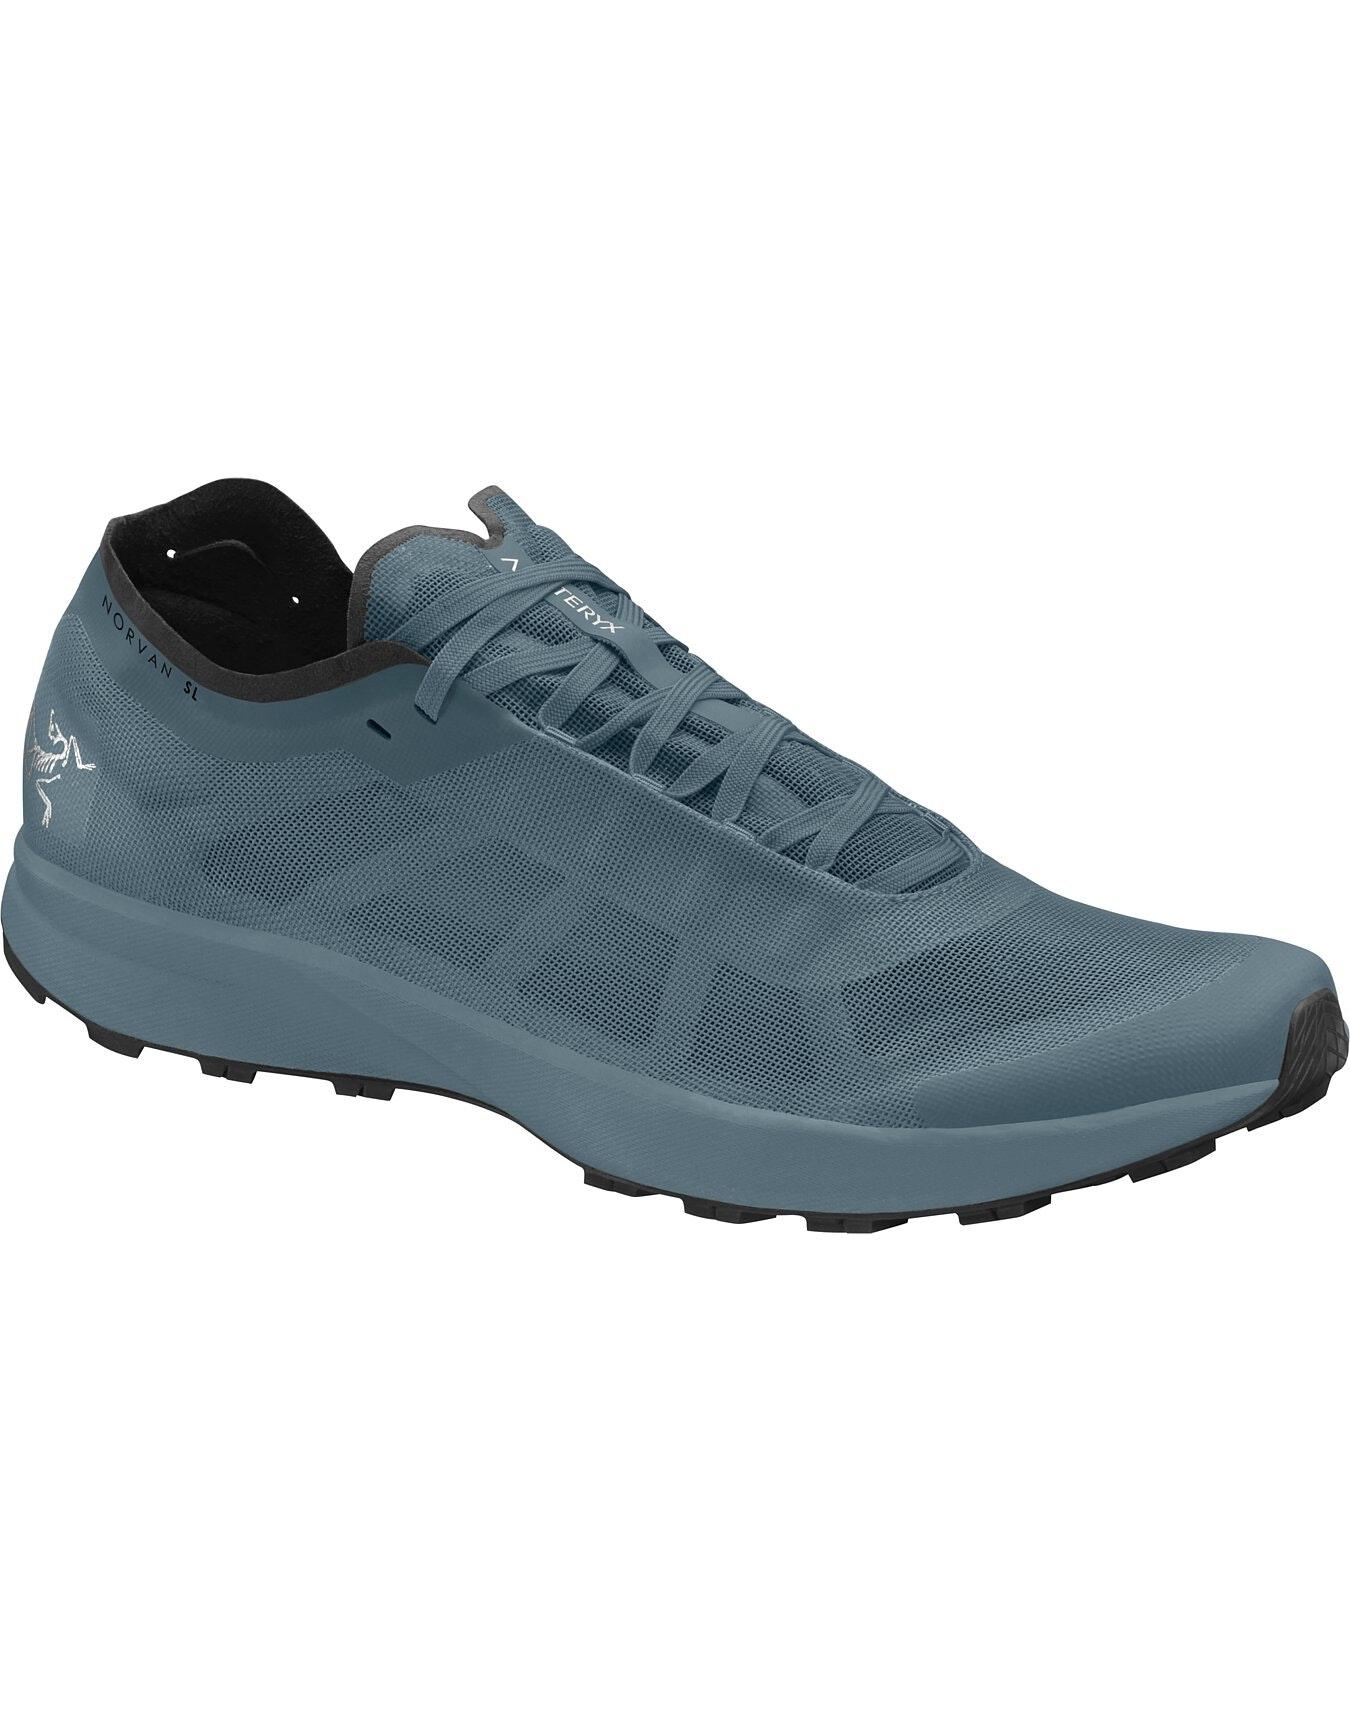 Norvan SL Shoe Proteus/Black